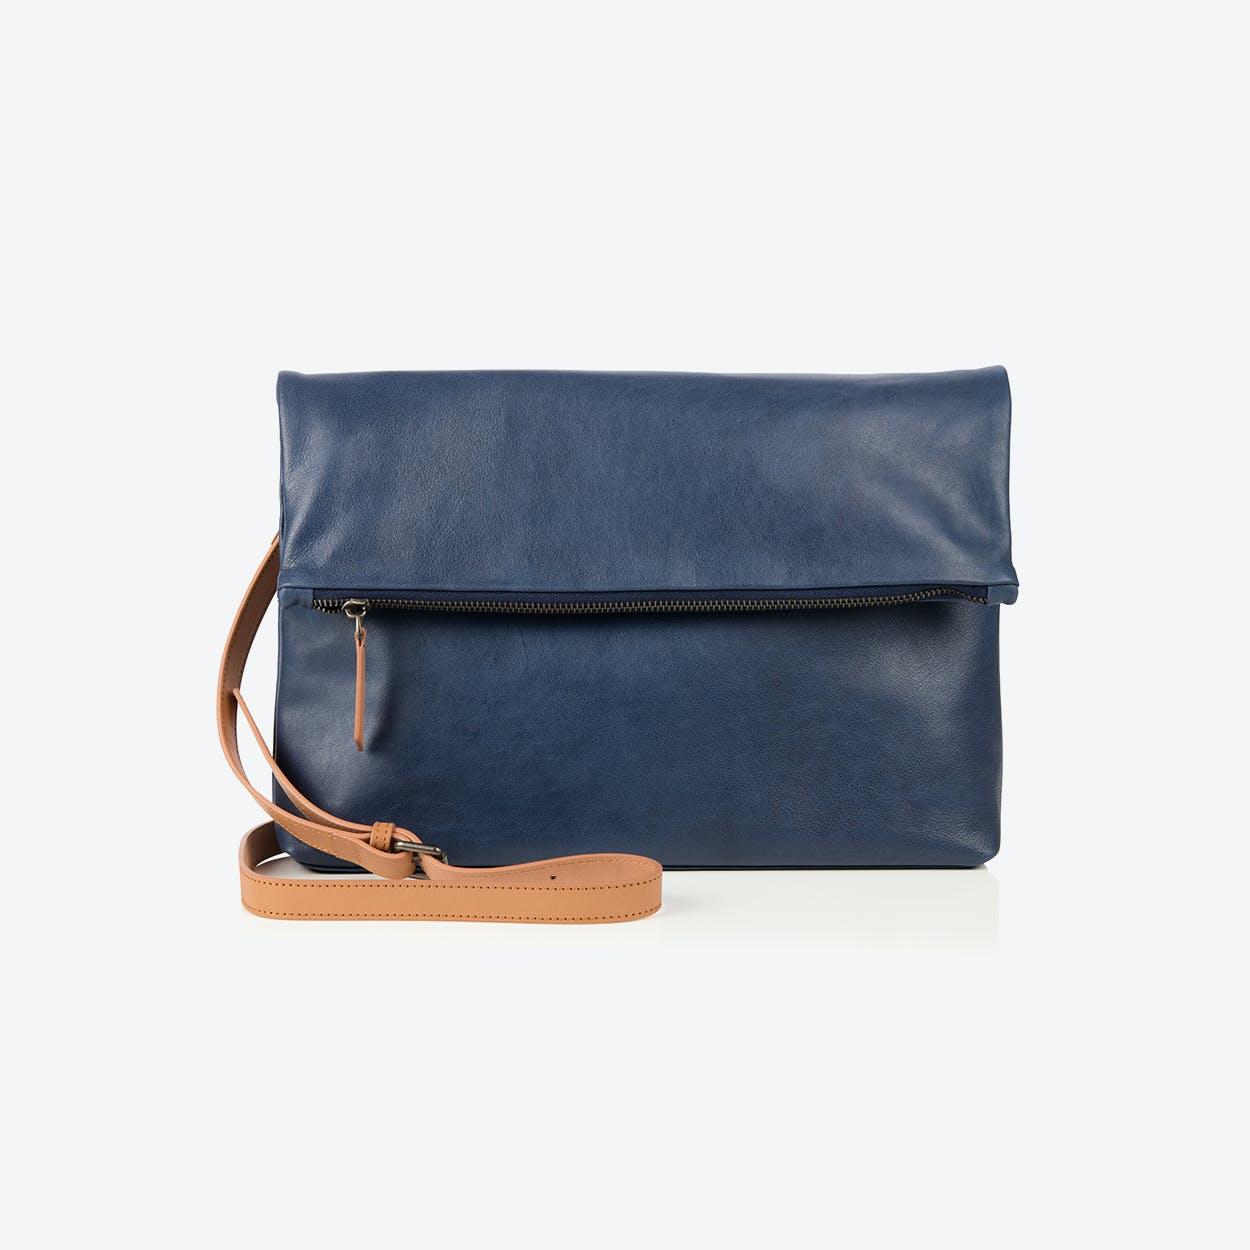 Rena foldover bag  in Blue